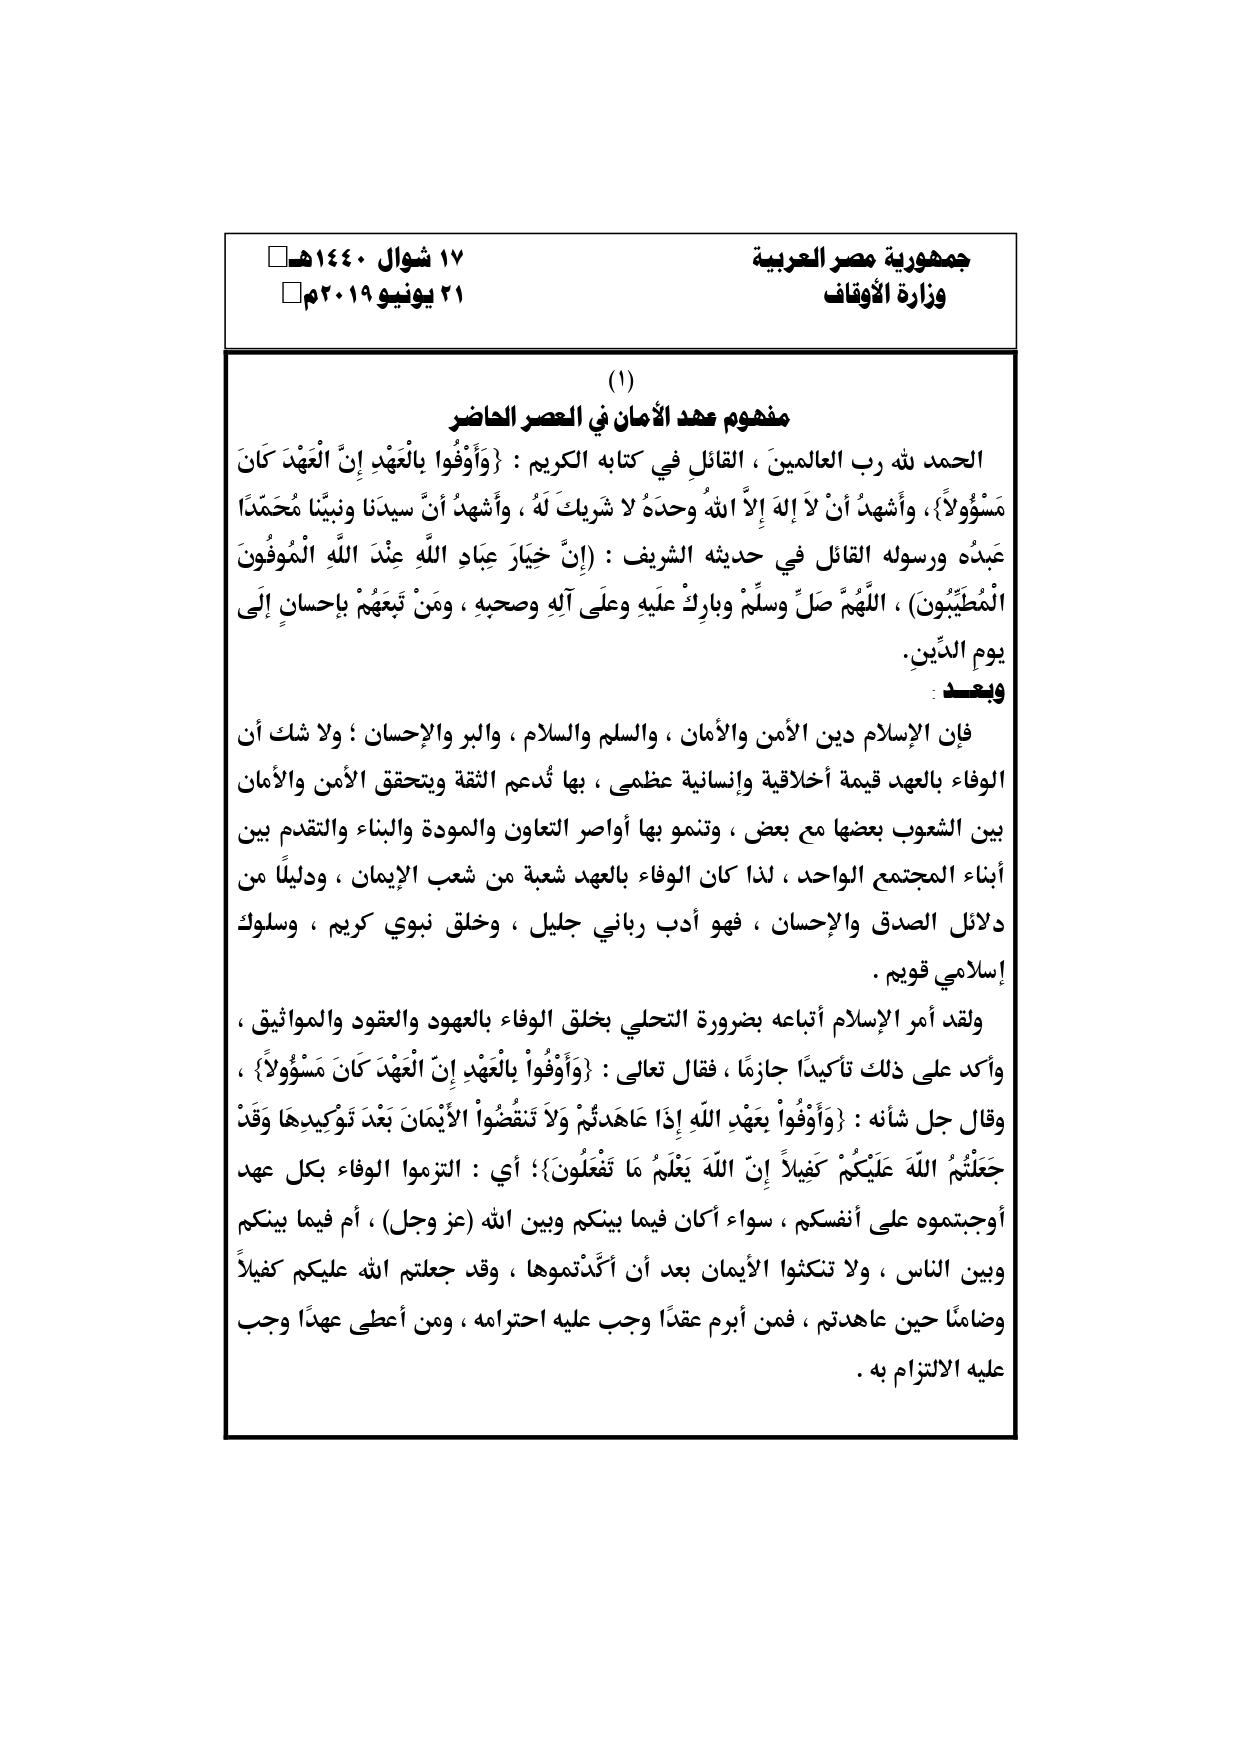 خطبة الجمعة القادمة لوزارة الأوقاف المصرية مكتوبة pdf ، خطب الأوقاف ، خطبة الجمعة لوزارة الأوقاف pdf